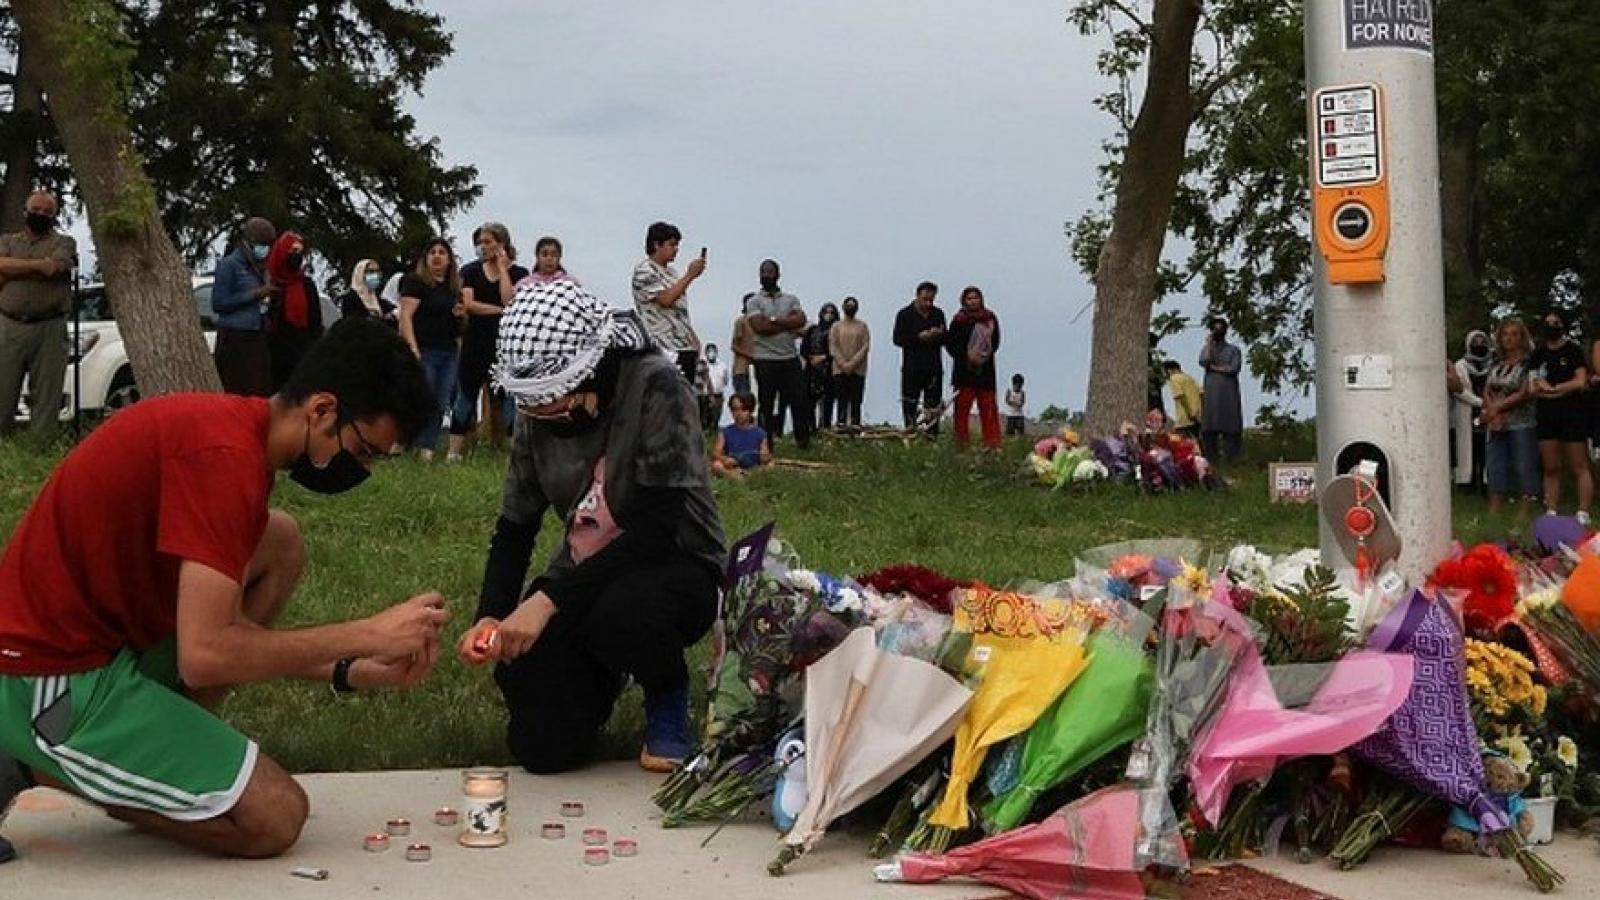 Tài xế 20 tuổi lao xe bán tải vào gia đình Hồi giáo làm 4 người chết ở Canada